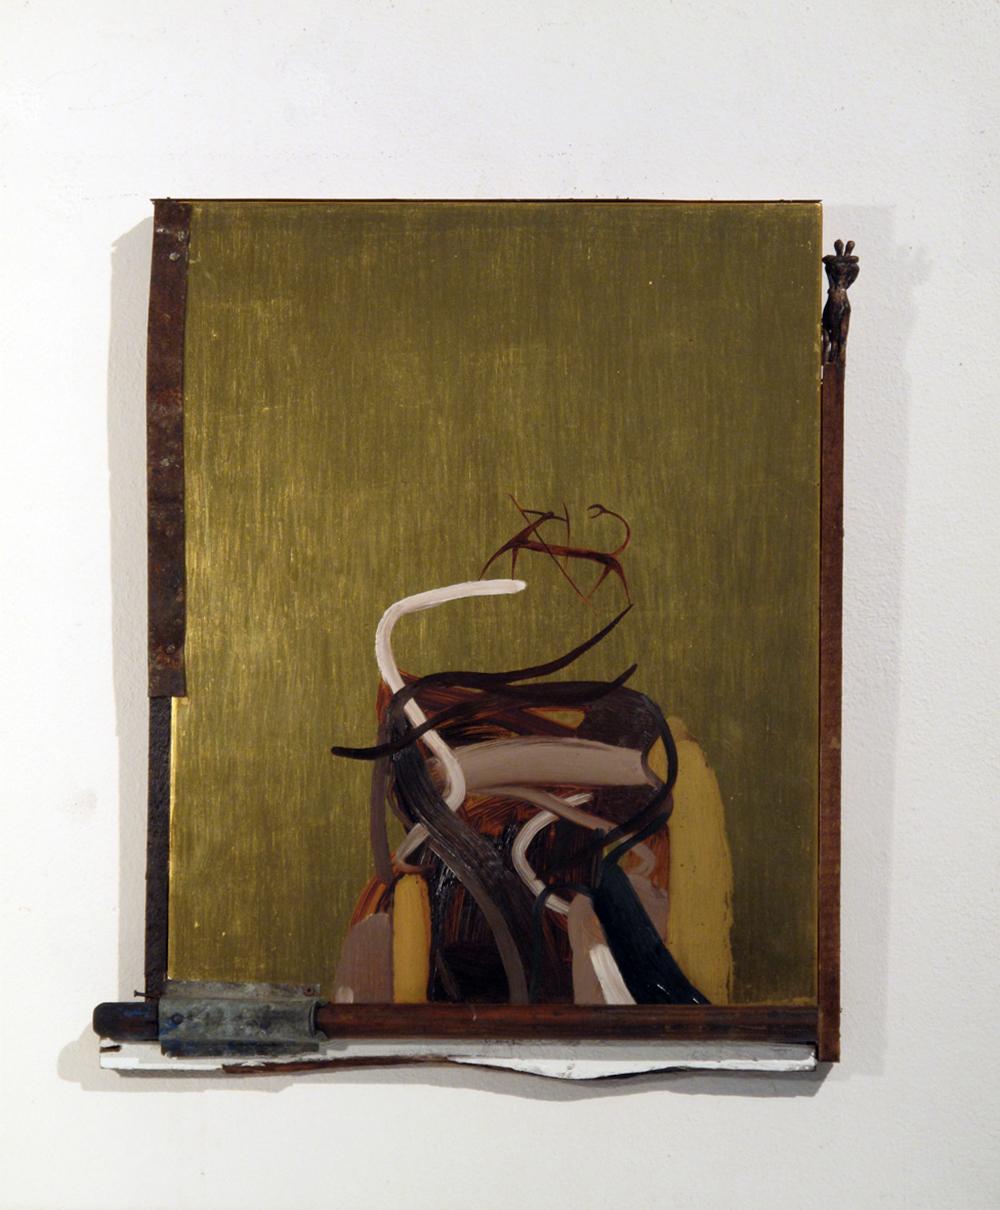 L'occhio di Narciso, 2009, foglia d'oro su legno e tecnica mista, cm 46x55x5